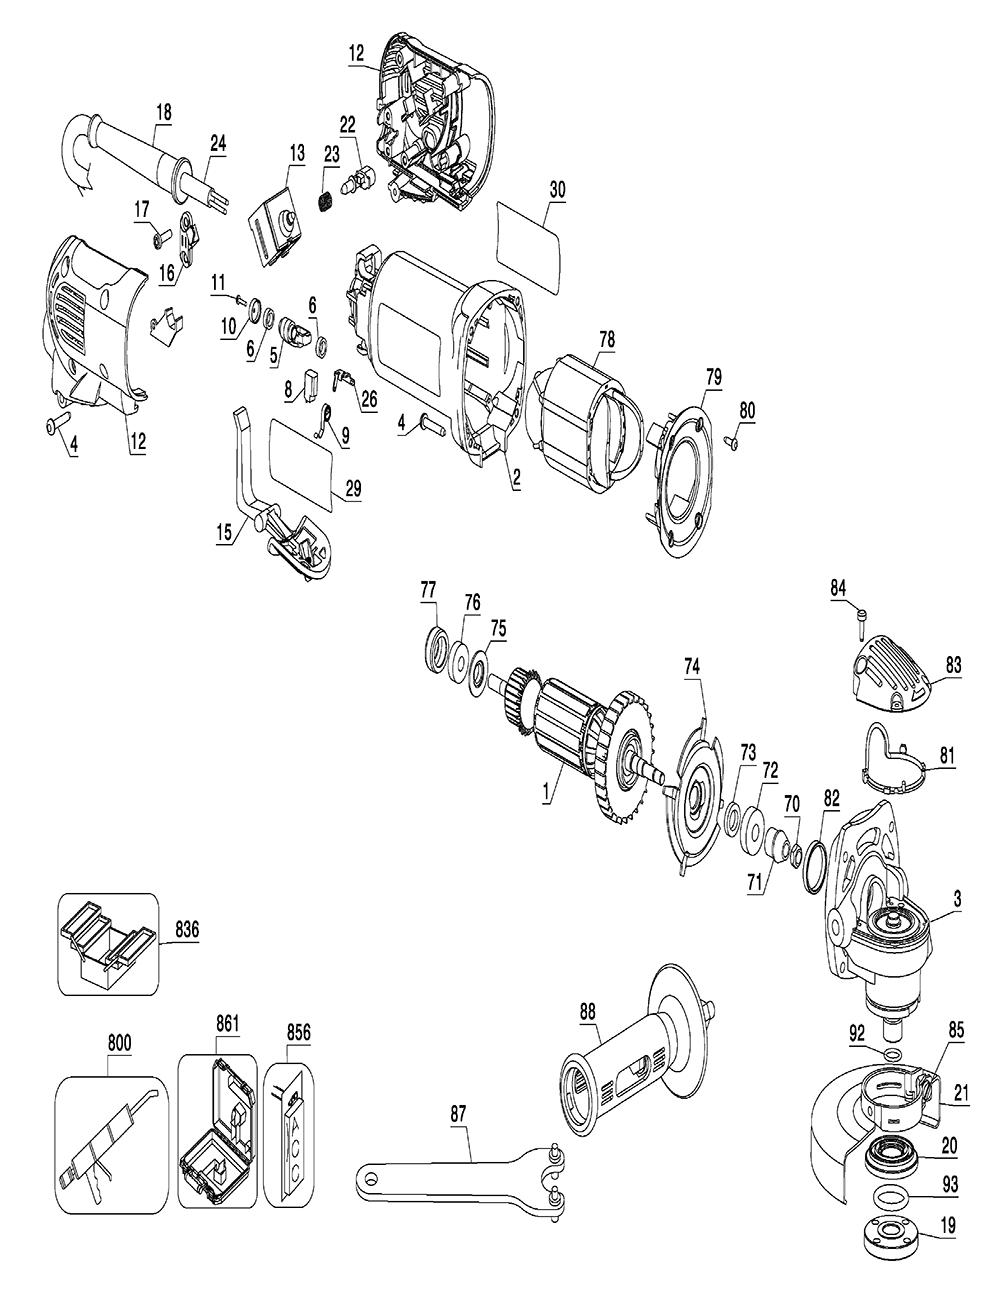 lasko fan motor wiring diagram schematic